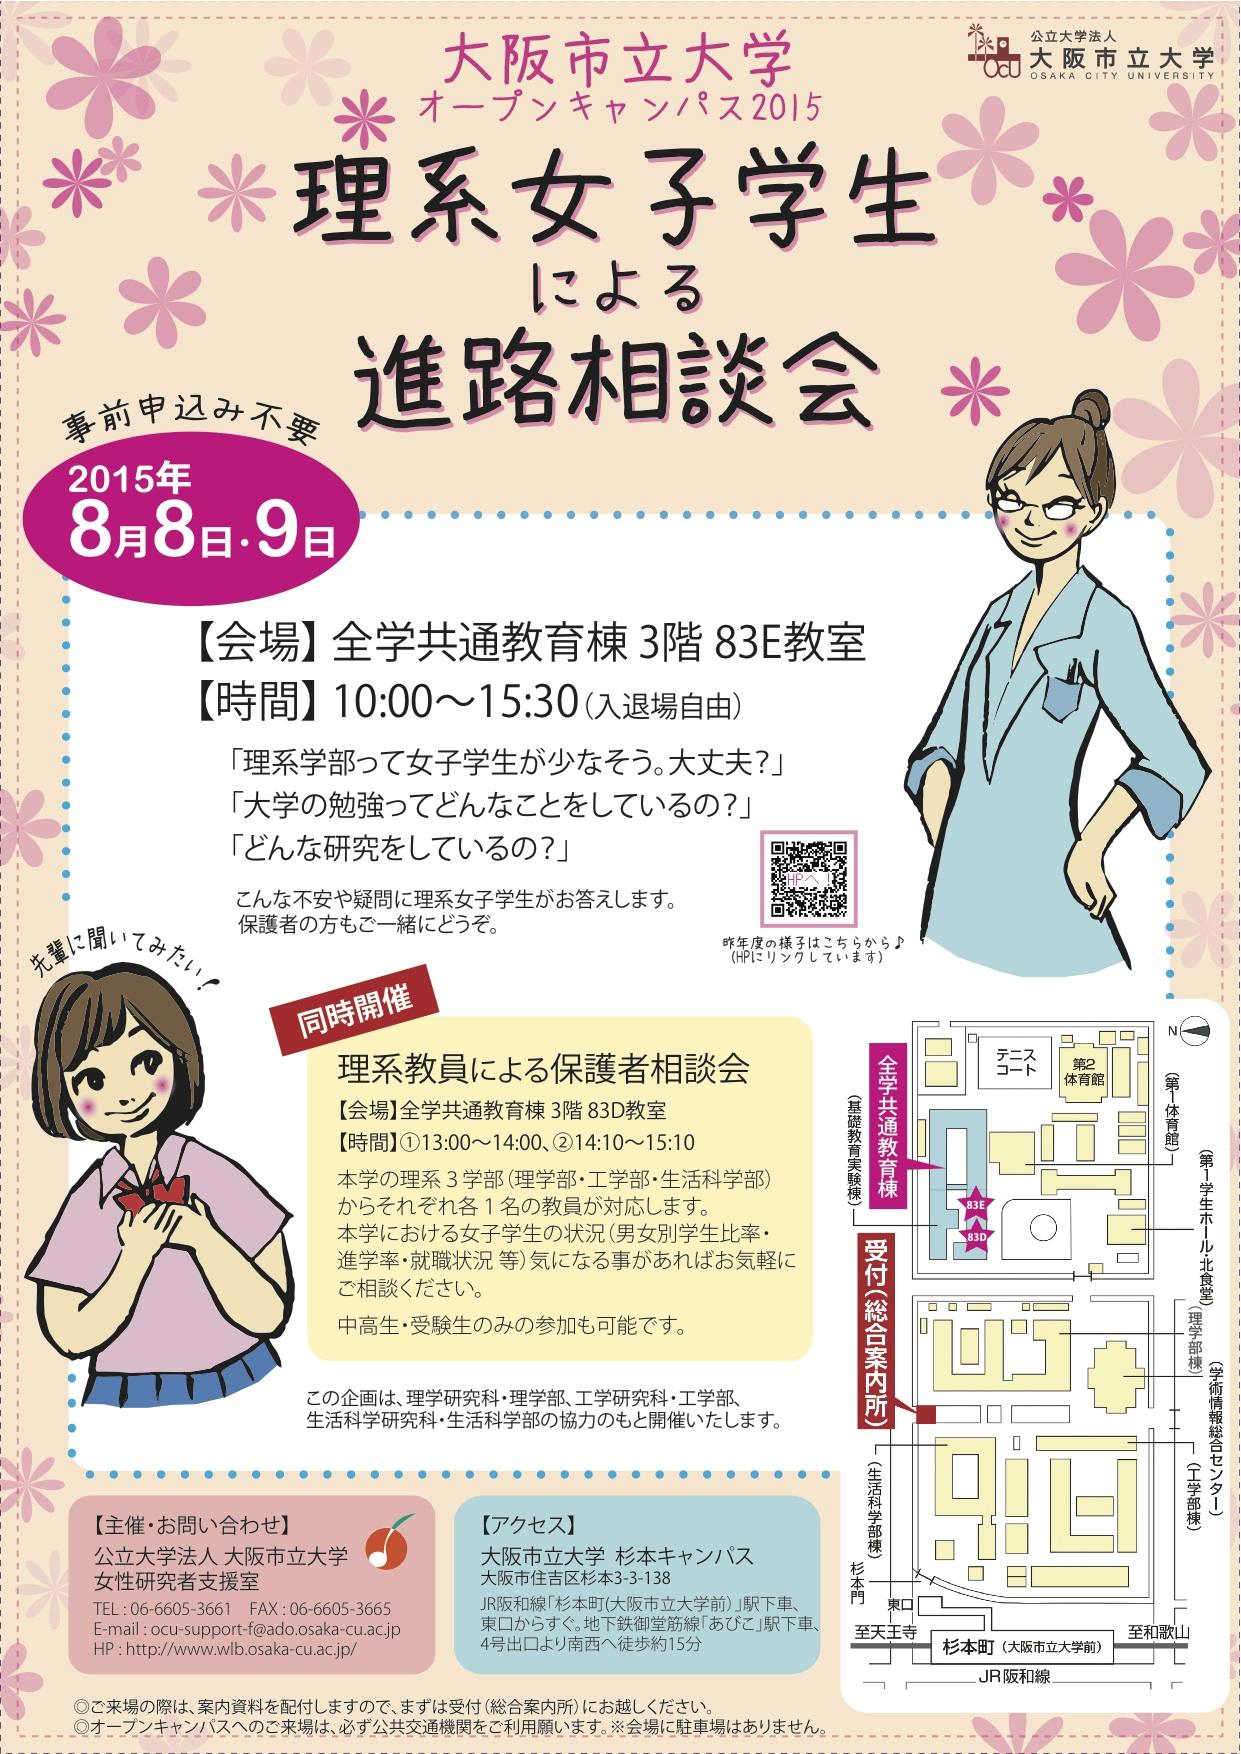 オープンキャンパス2015進路相談会ポスター